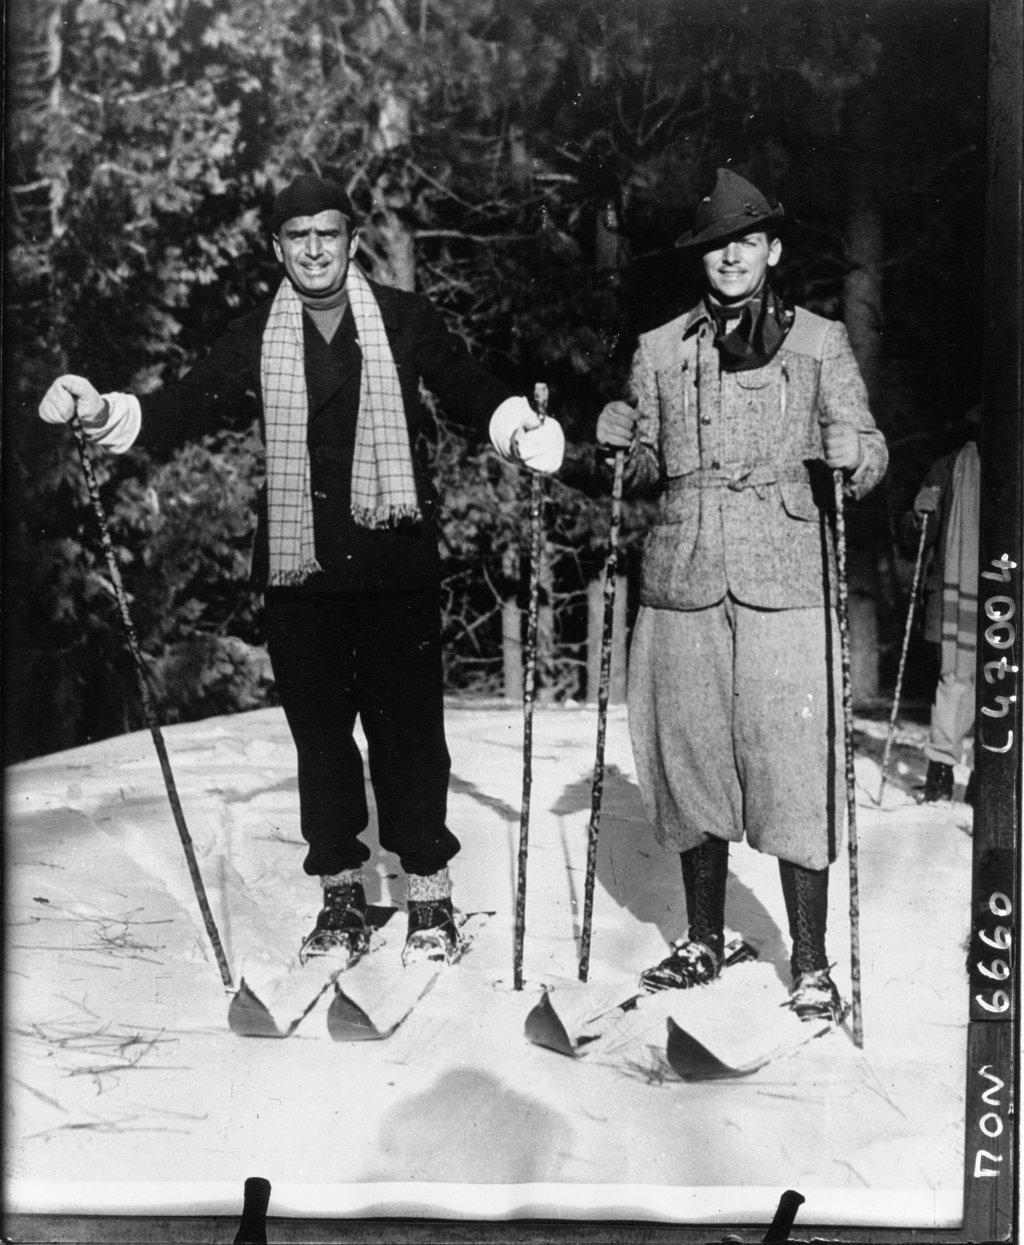 Douglas Fairbanks, son fils, faisant du ski sur le lac Anowhead, Acme Newspicture (Agence de presse). Agence photographique, Ancien détenteur : Agence de presse Mondial Photo-Presse 1933, Bibliothèque Nationale de France, Public Domain Mark